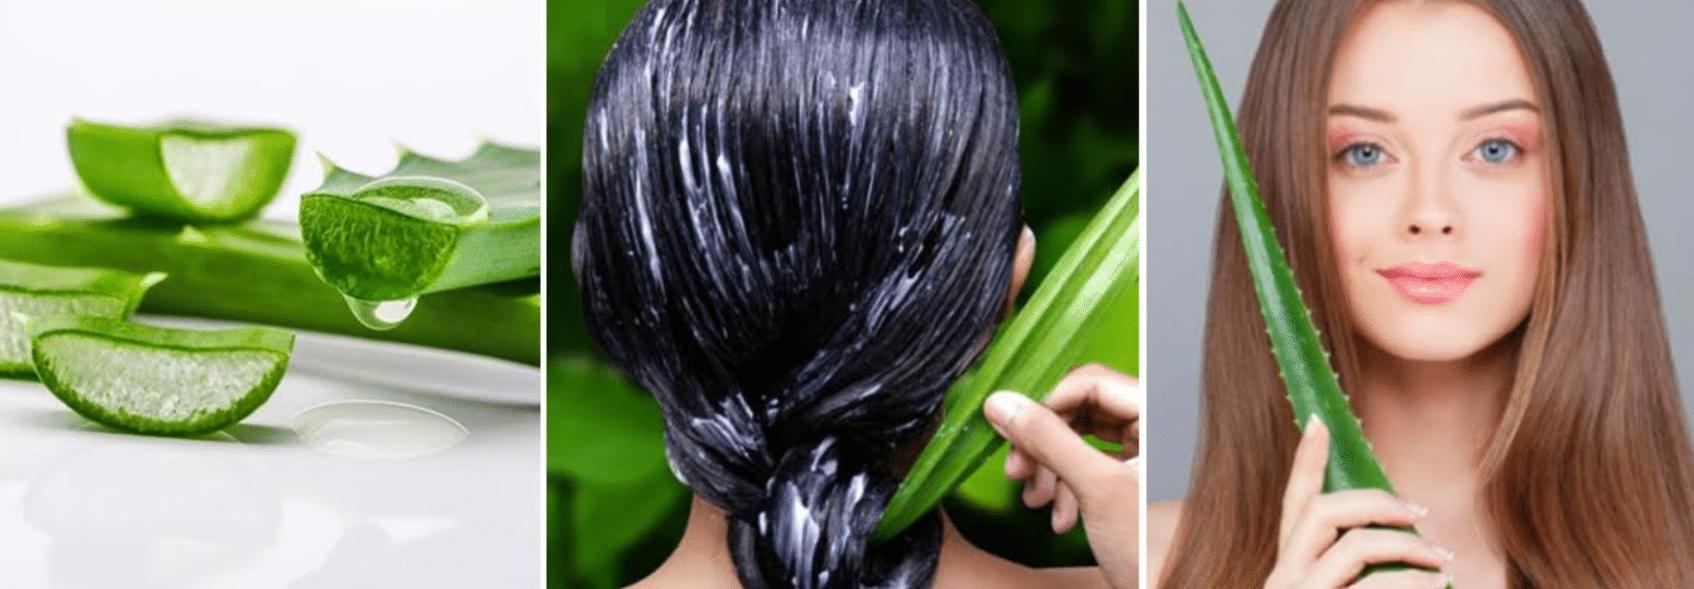 imagens da planta da babosa e de mulheres hidratando o cabelo com ela